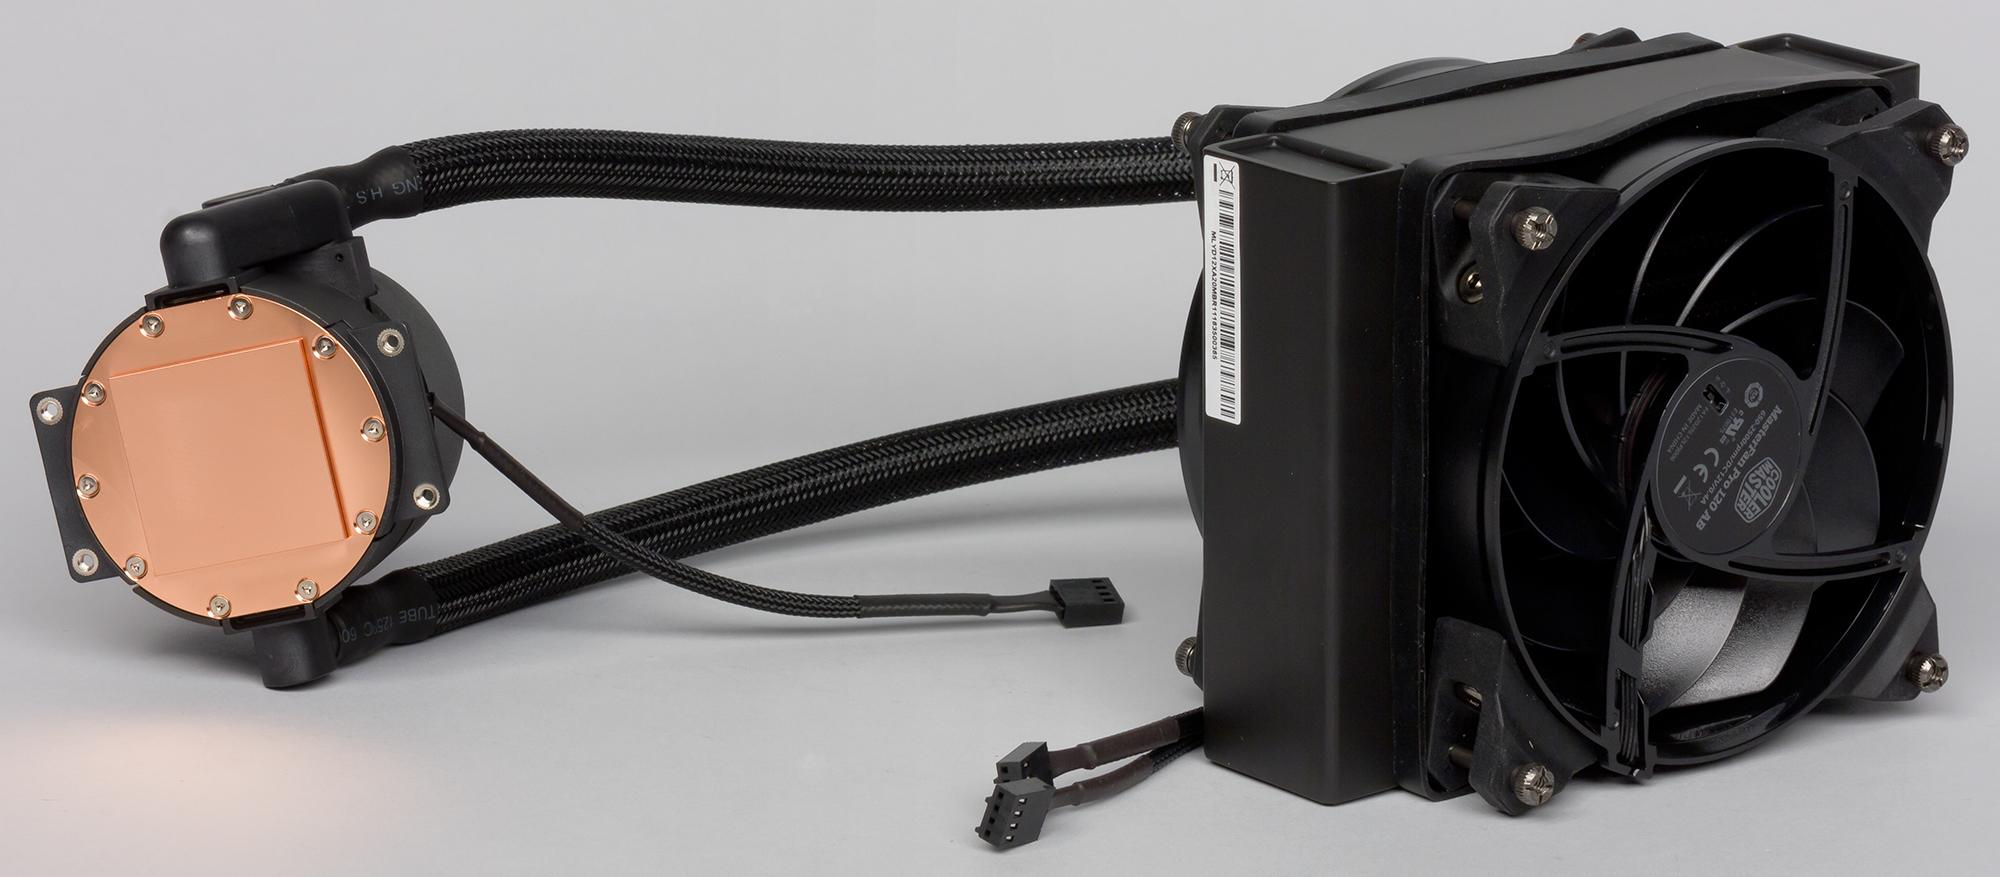 Обзор систем жидкостного охлаждения Cooler Master MasterLiquid Pro